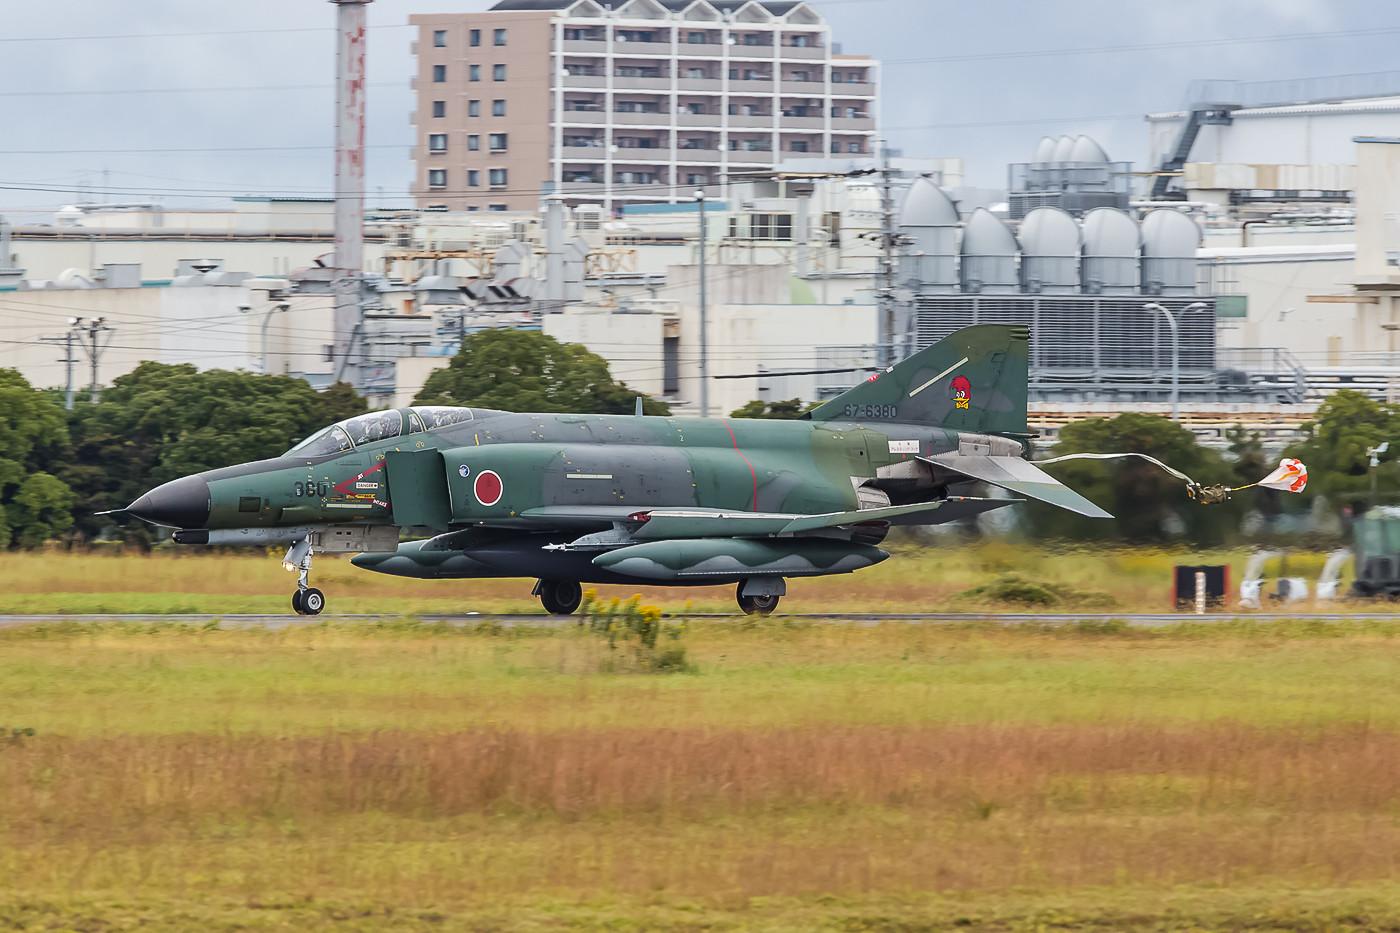 Die 67-6380 wurde im Jahr 2000 zur RF-4EJ umgebaut, bis dahin war sie eine normale F-4EJ Phantom.